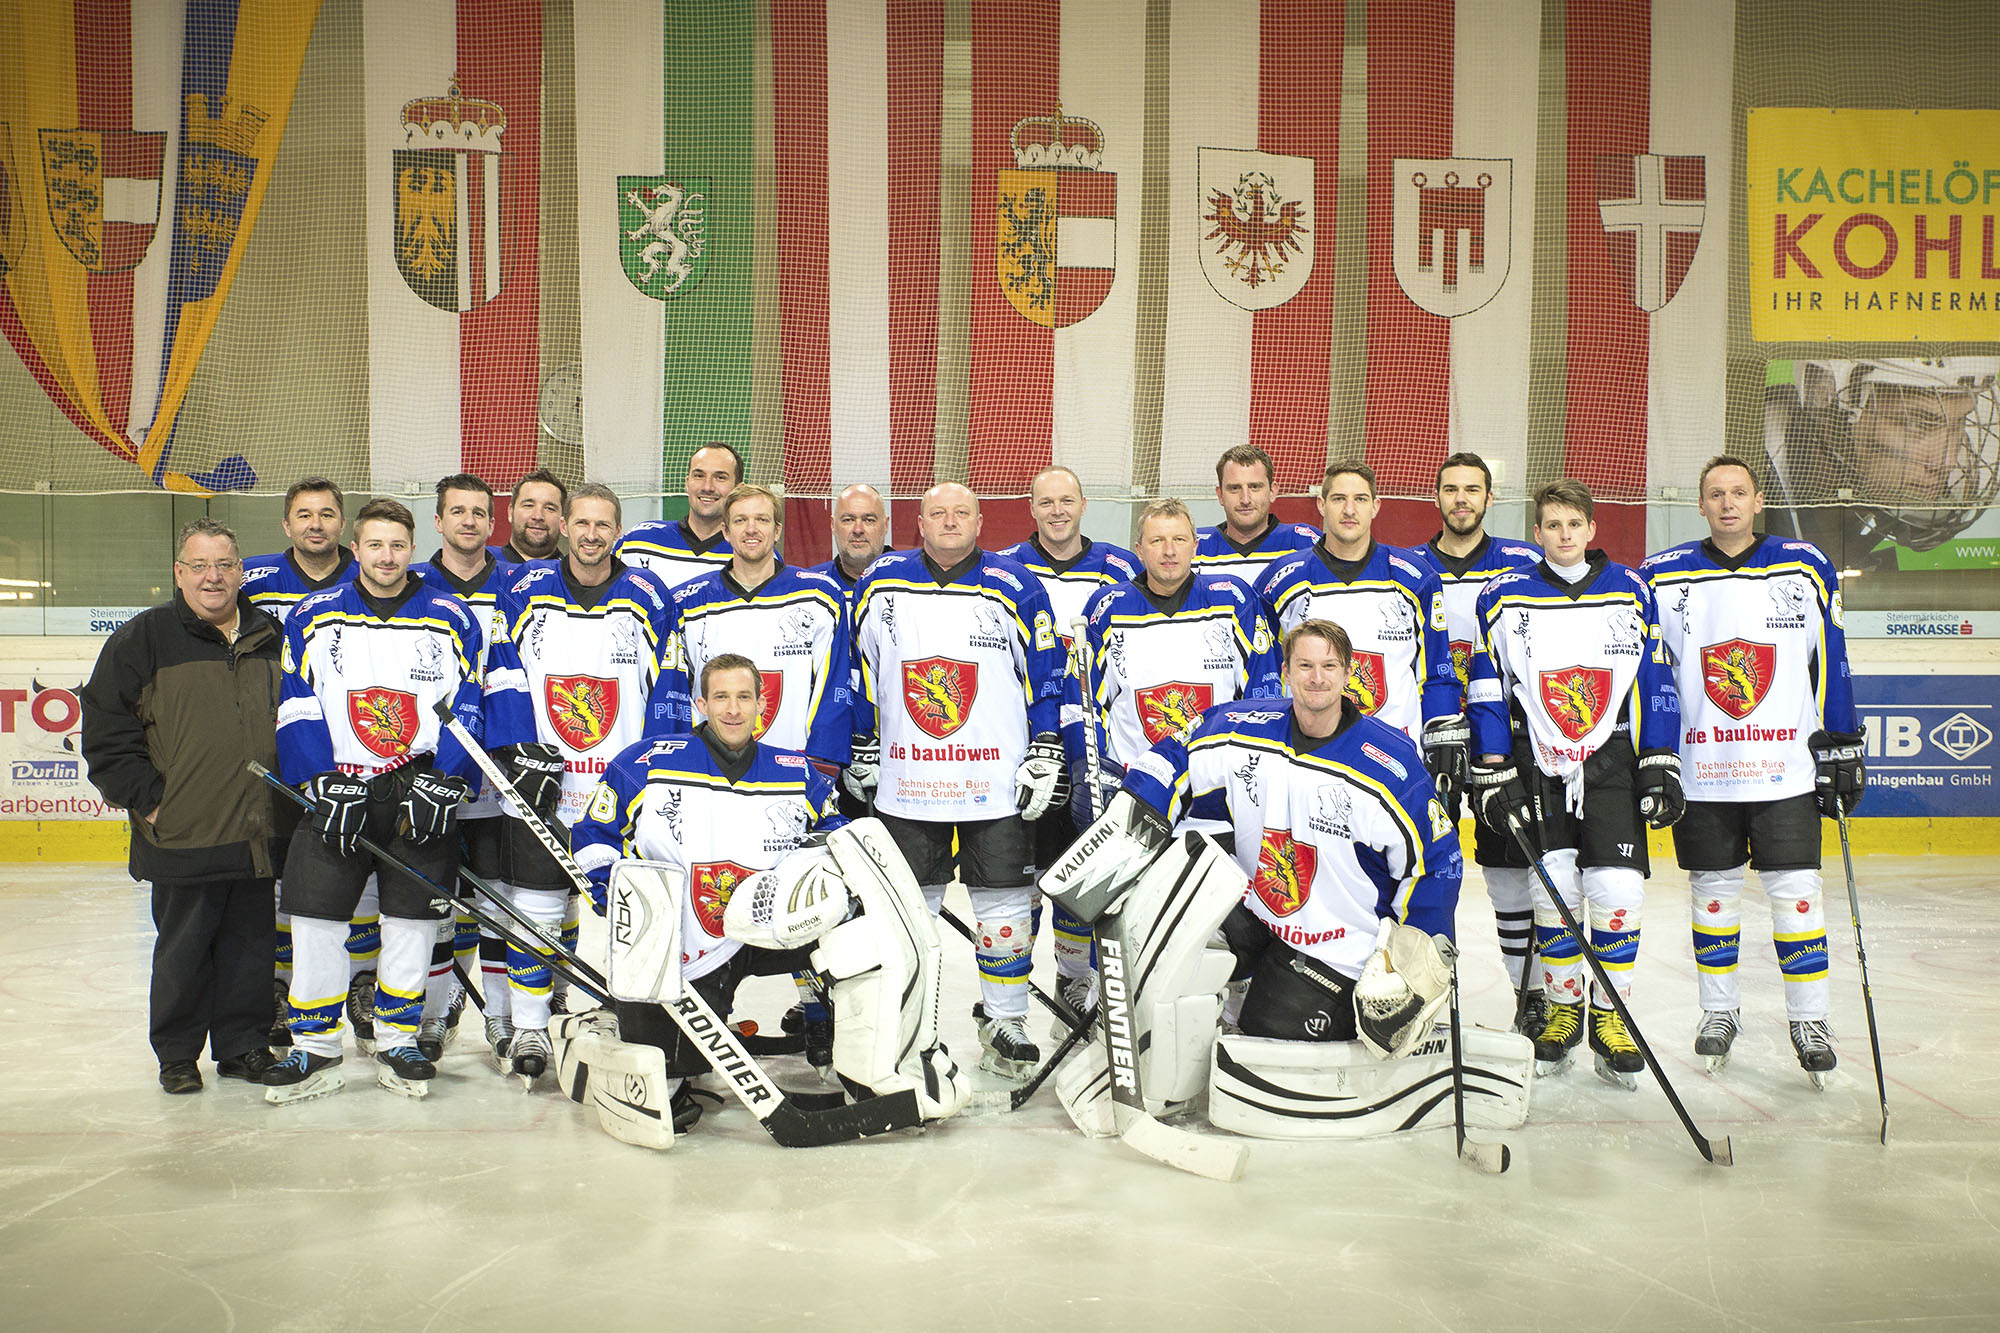 Mannschaft (aufgenommen Saison 2014/2015)